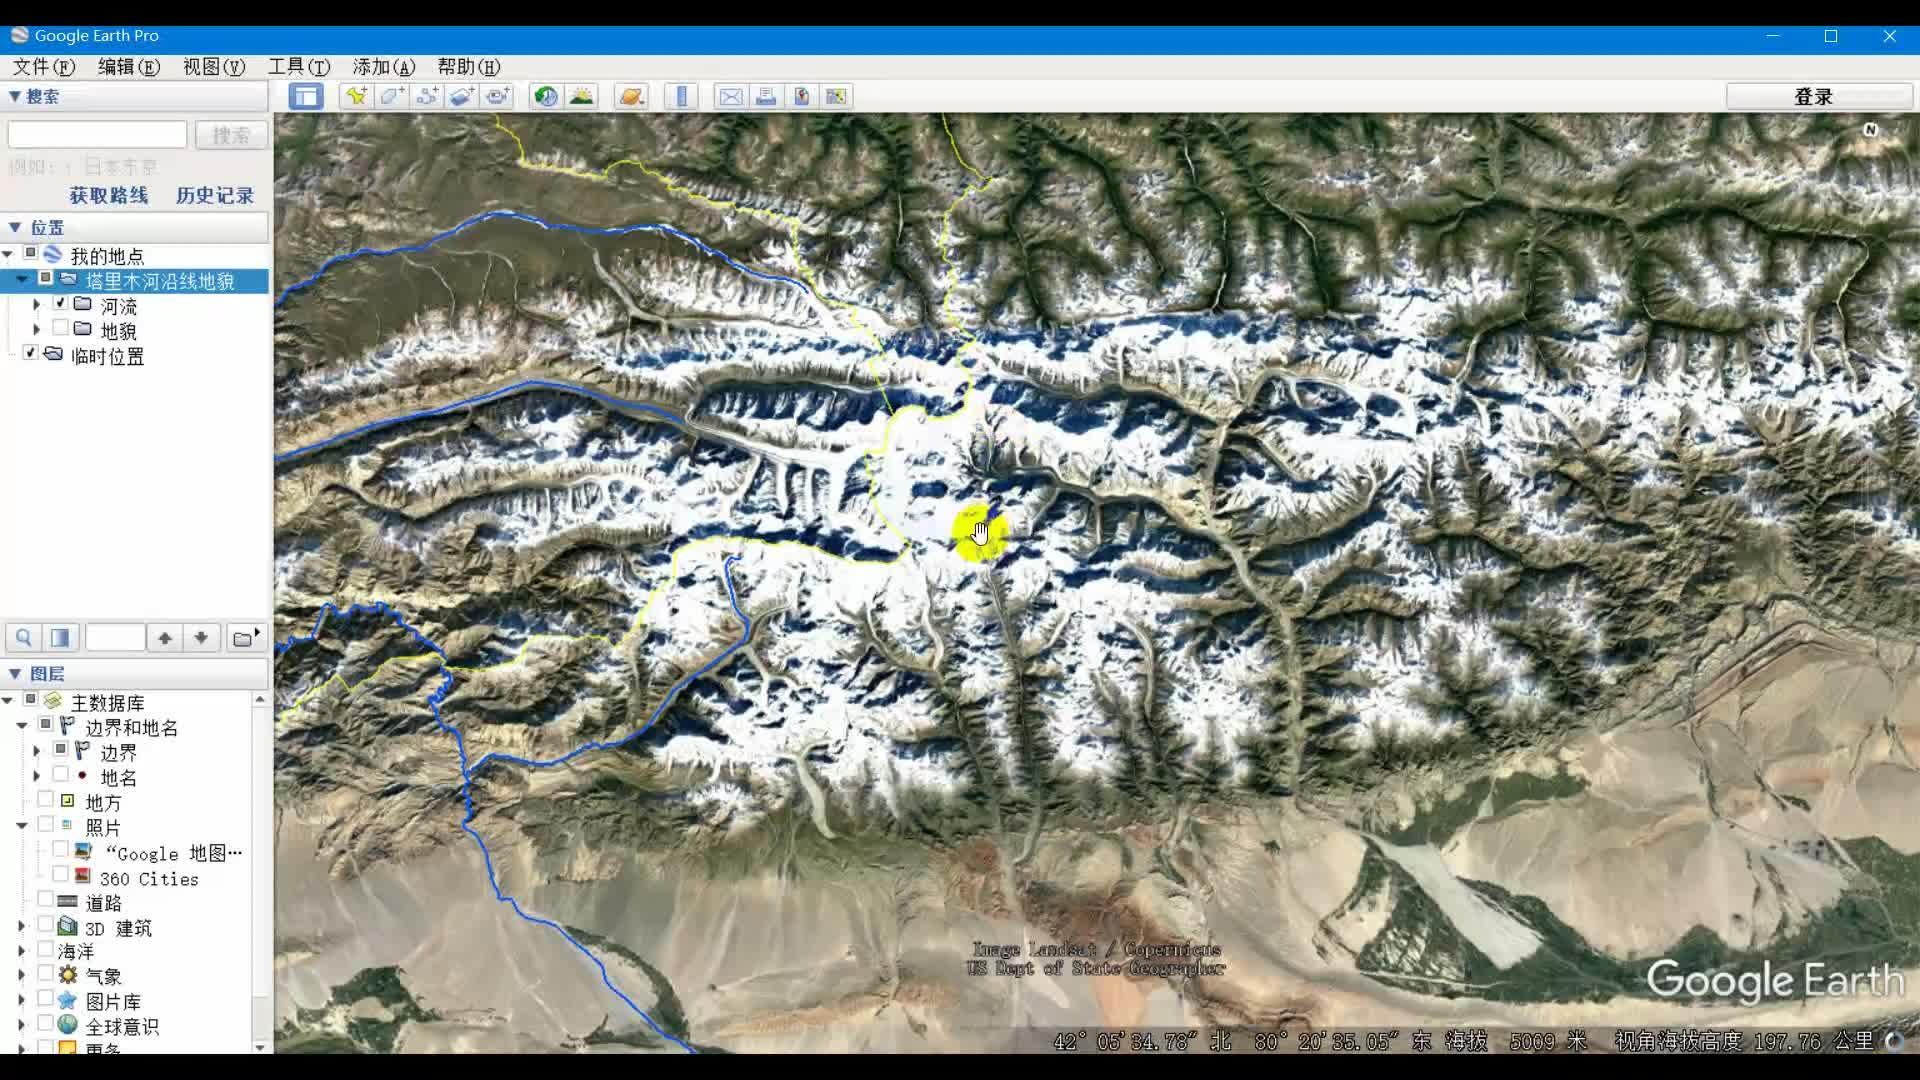 02添加点状地标——GE地理事物的标注-《玩转谷歌地球——Google Earth地理教学应?#38376;?#35757;教程》